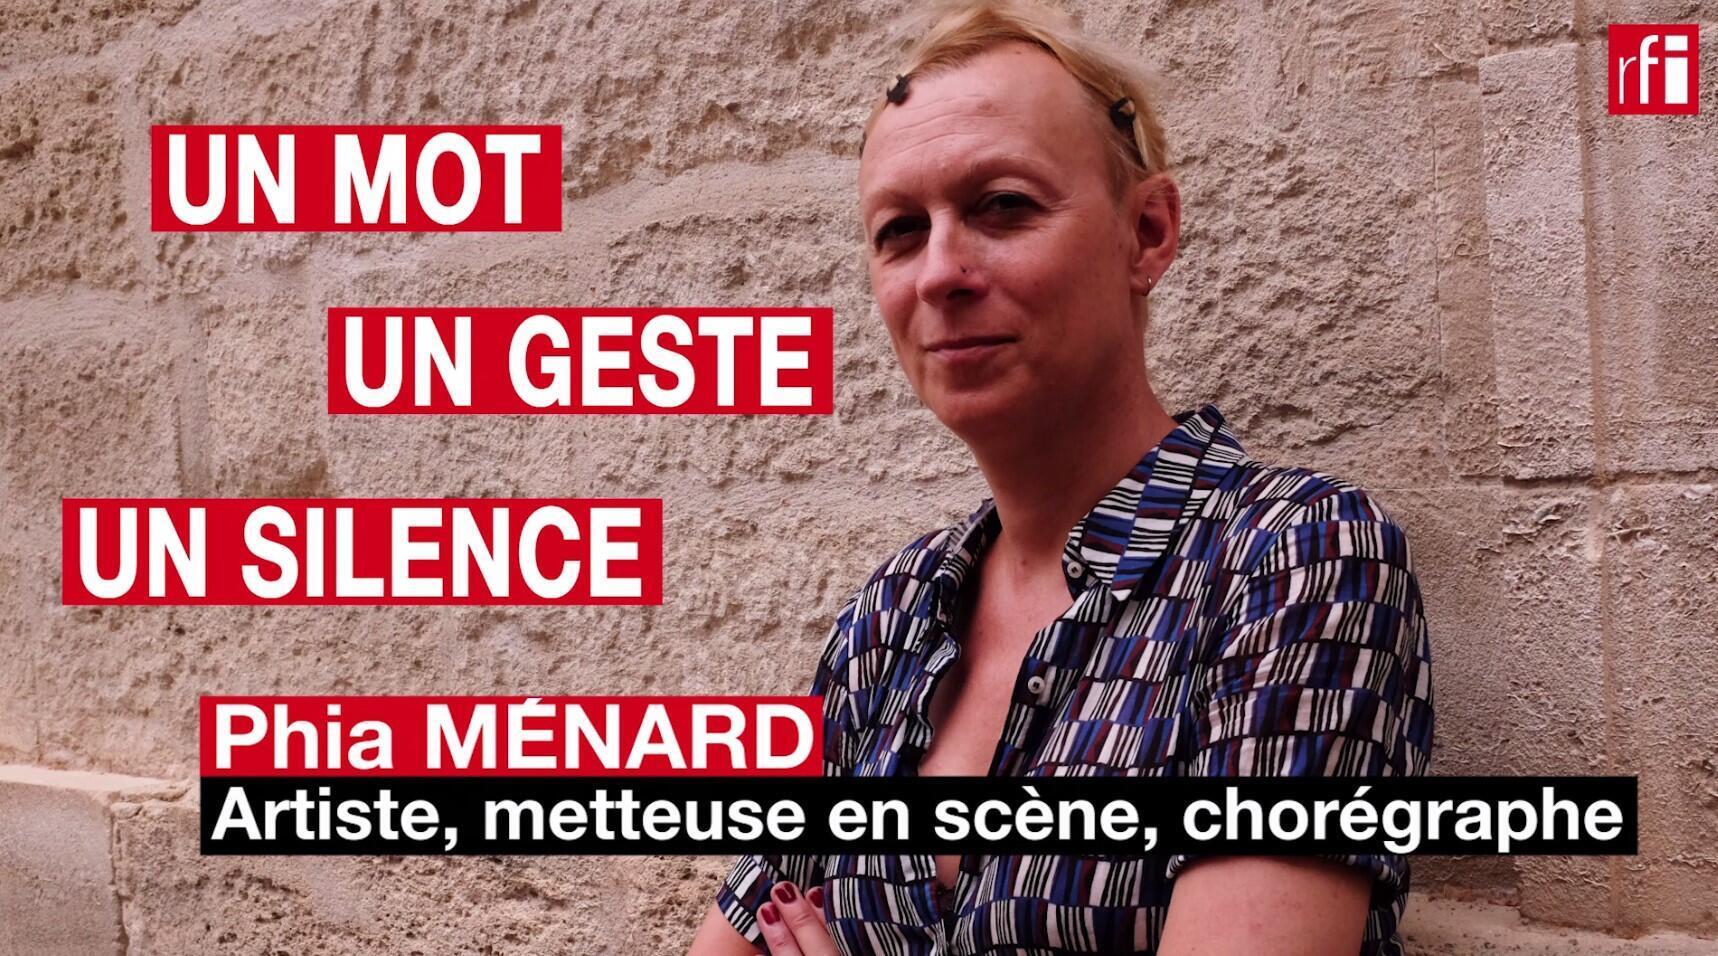 Phia Ménard, une grande artiste qui n'a pas peur de sauter dans le vide. © Siegfried Forster / RFI